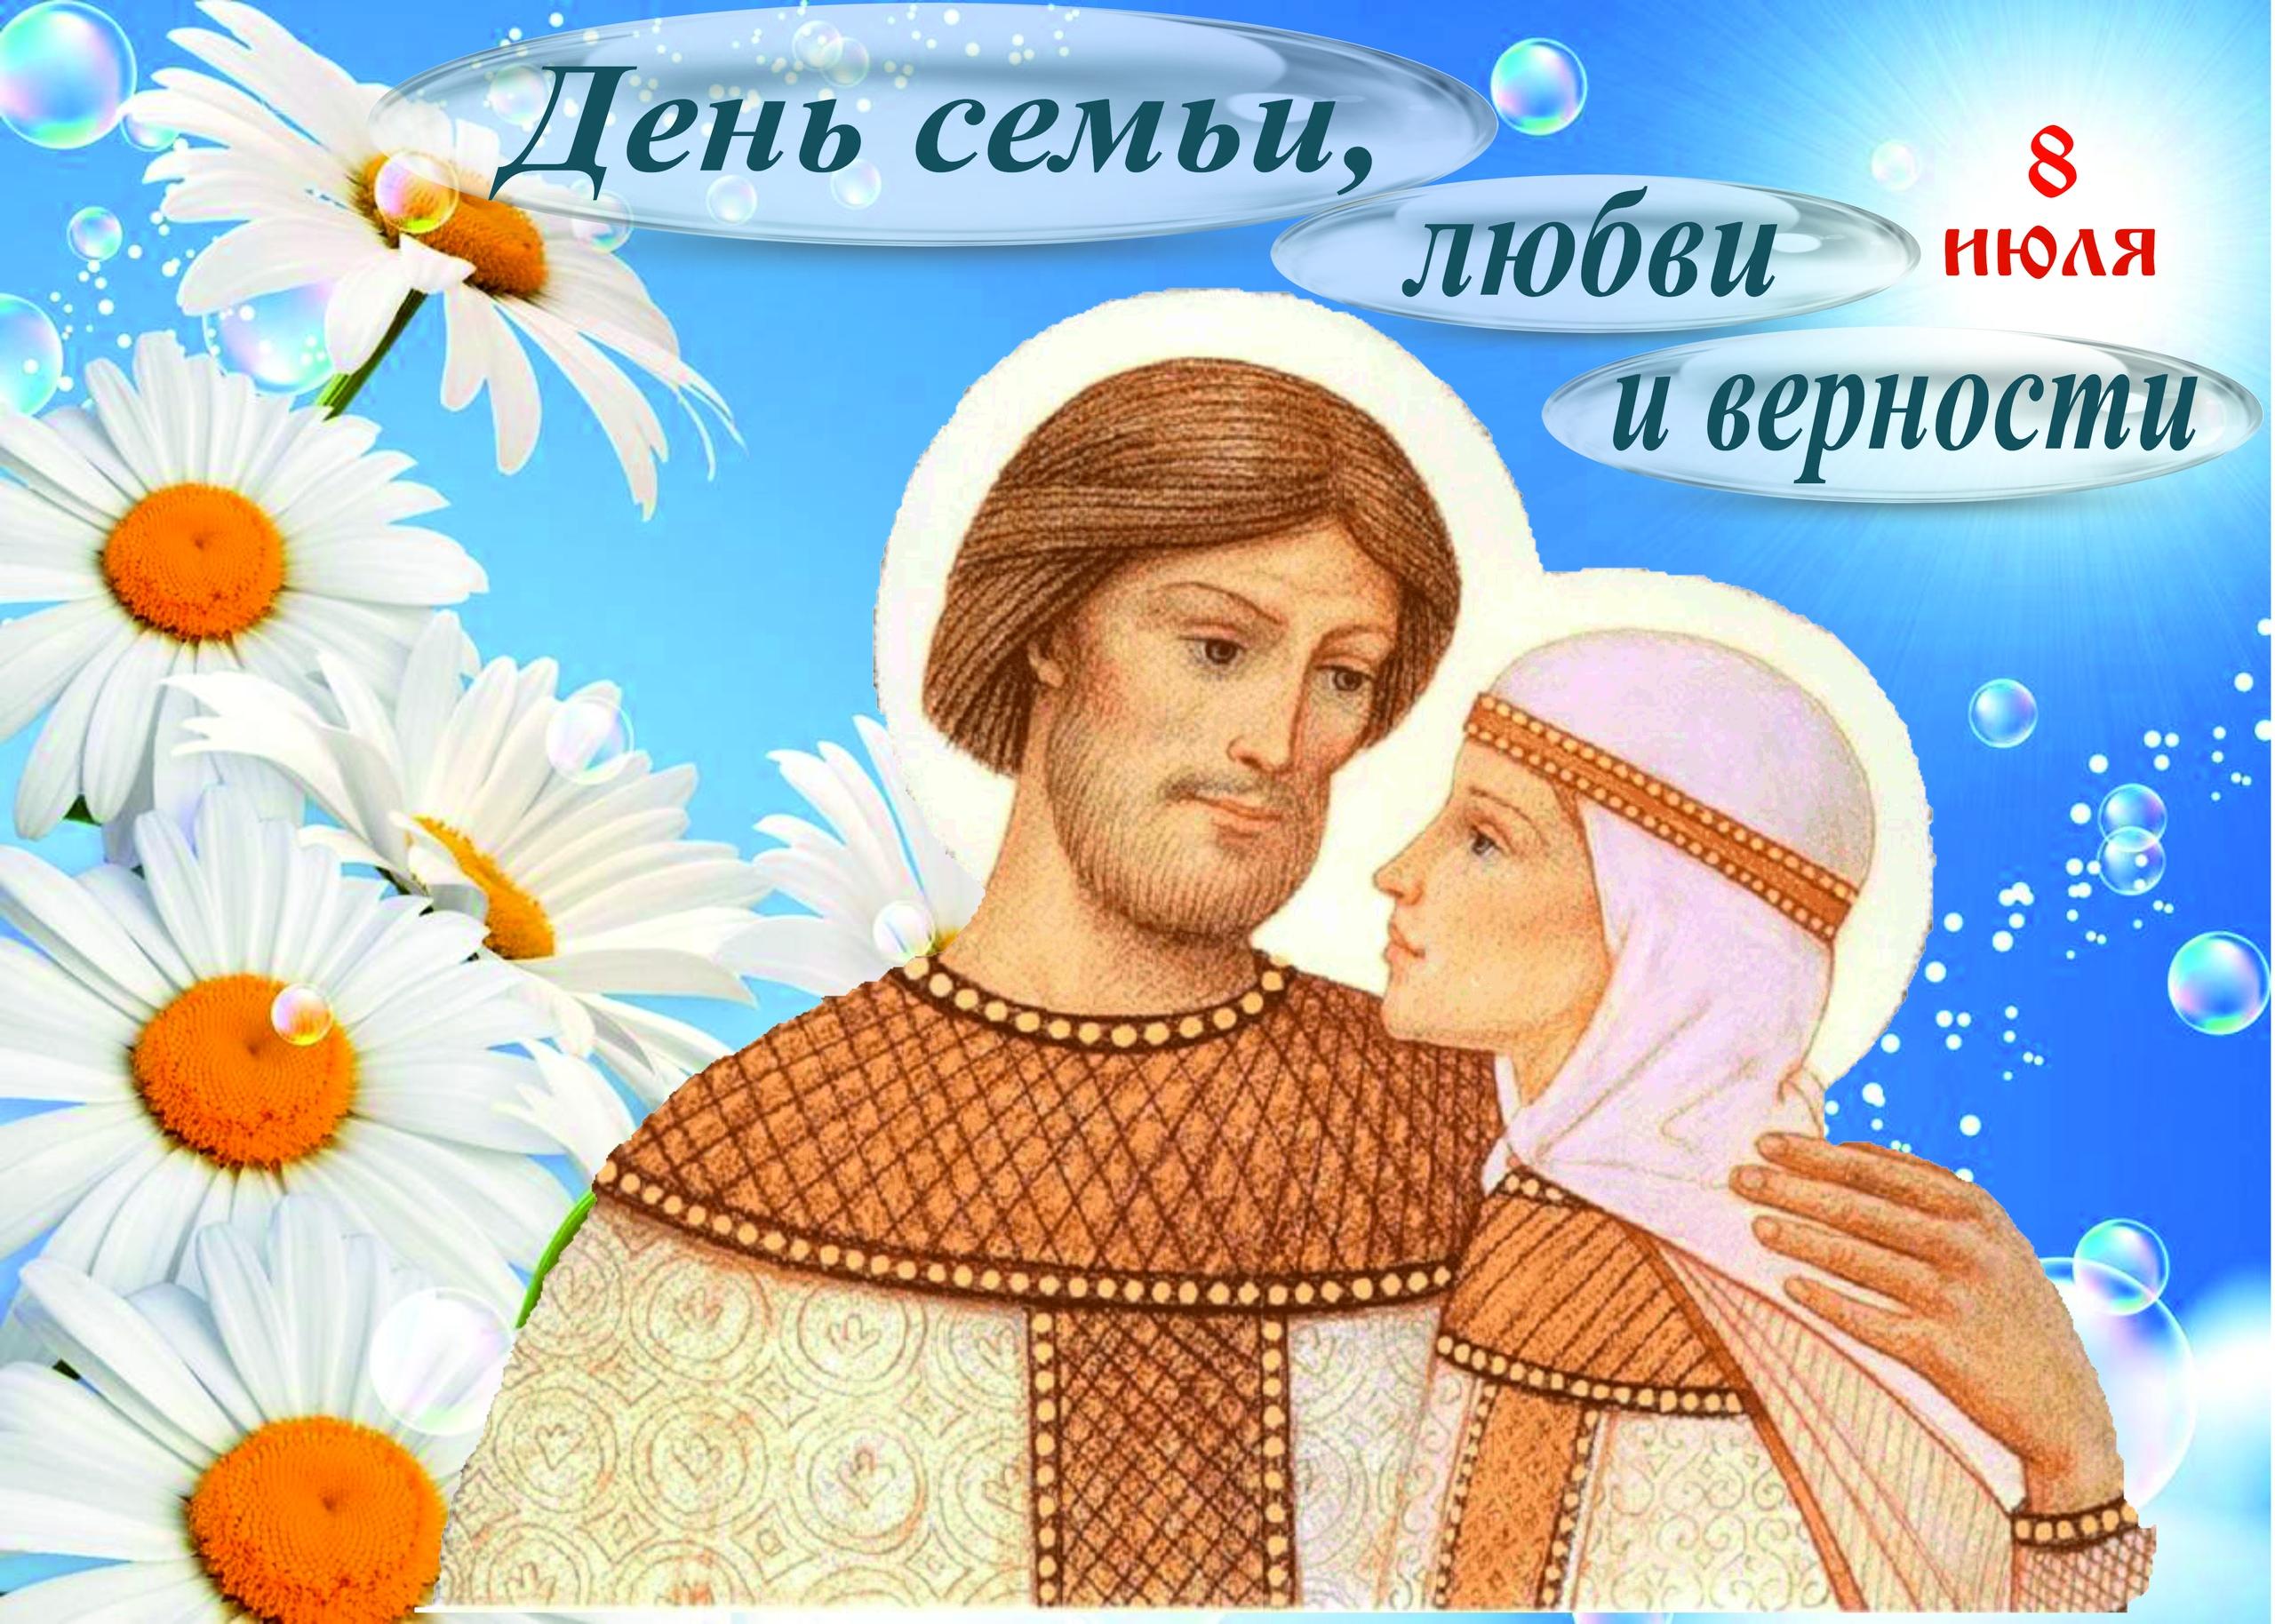 С днем семьи любви и верности картинки с надписями